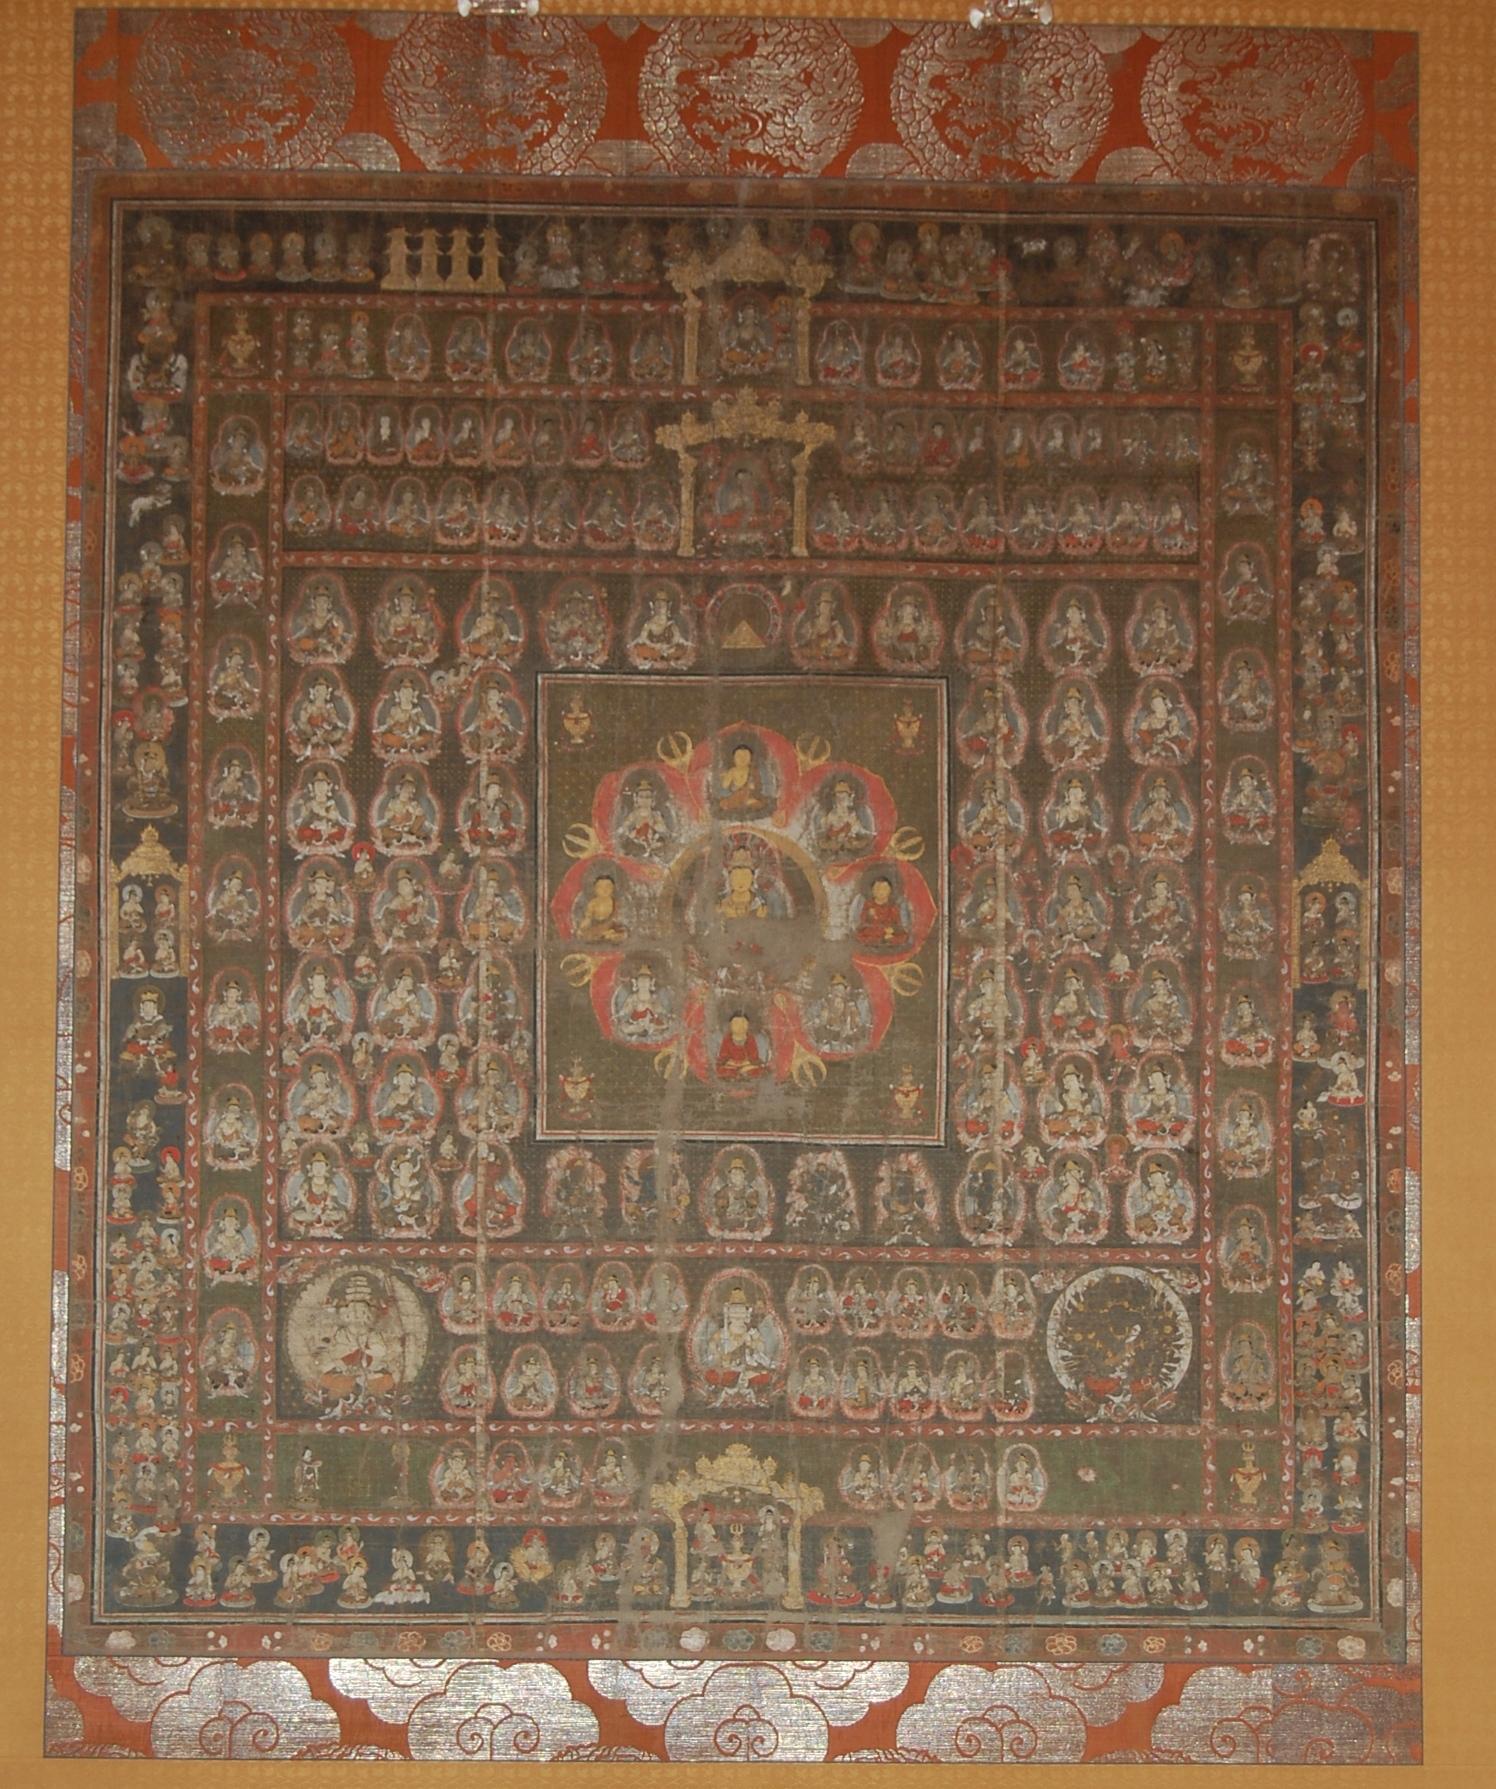 福寿院胎蔵界曼荼羅の画像